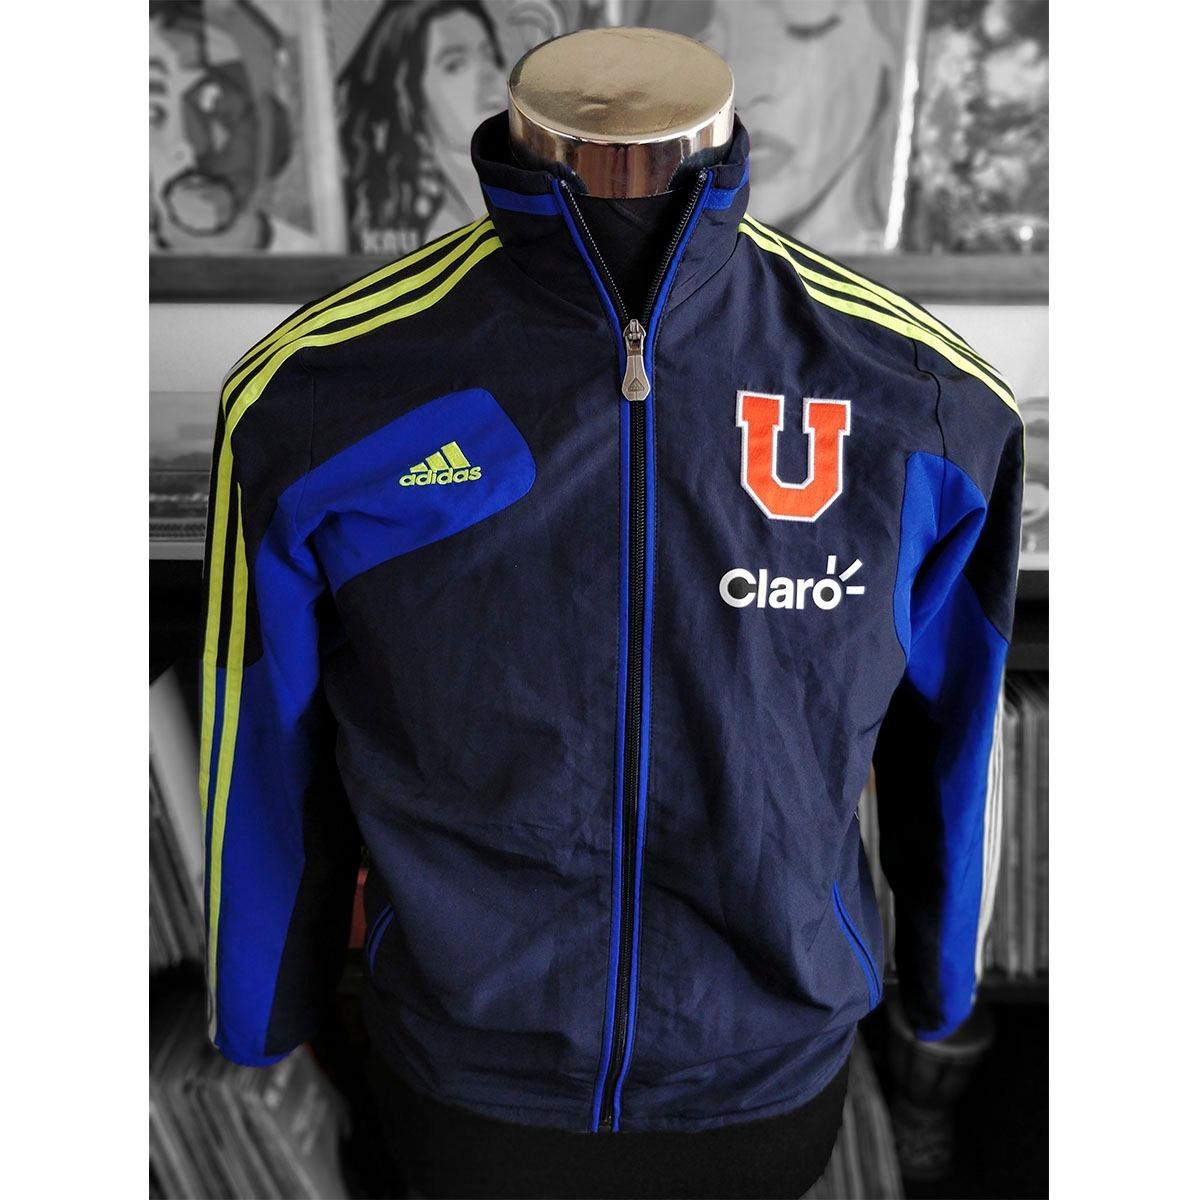 Chile 2012 Talla 12 000 Chaqueta U Niño 12 Adidas De 2013 cRWEx4W